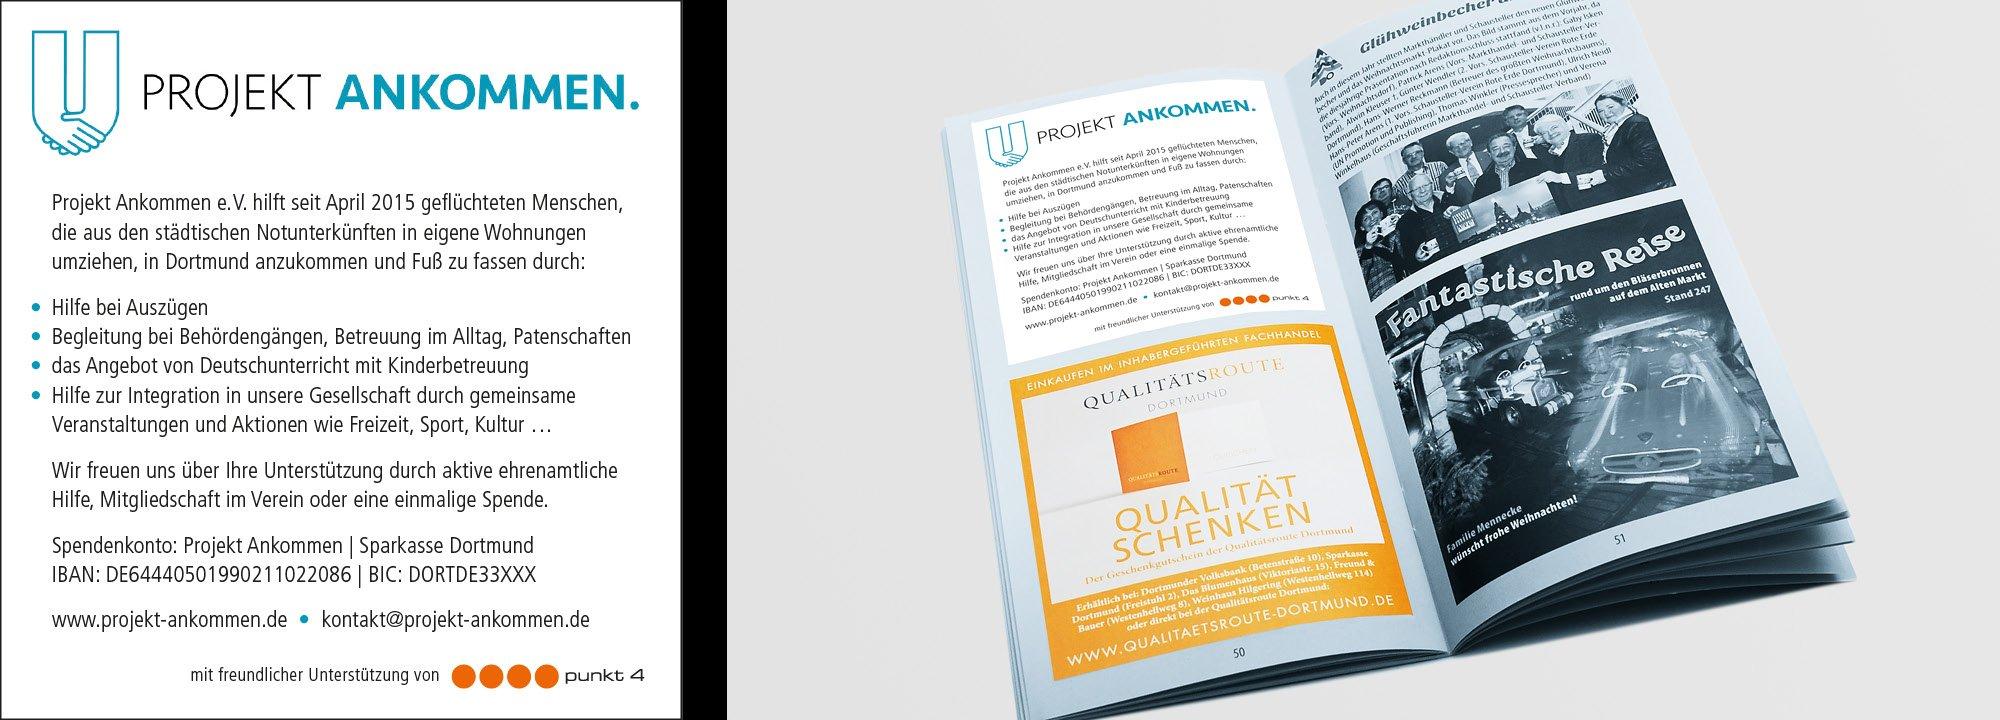 Sponsorenanzeige Projekt Ankommen 2015